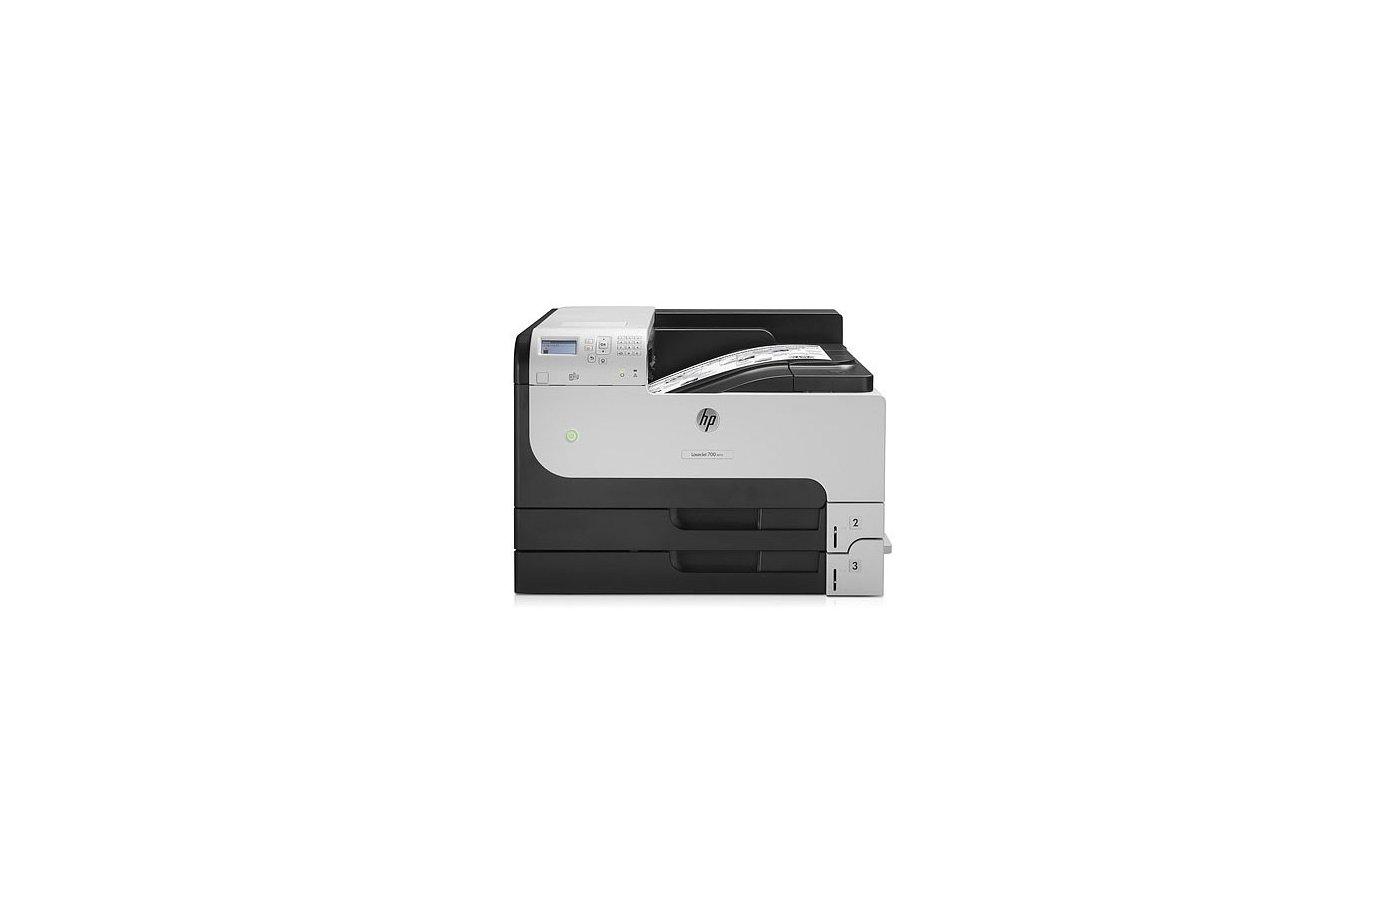 Принтер HP LaserJet Enterprise 700 M712dn (CF236A) A3